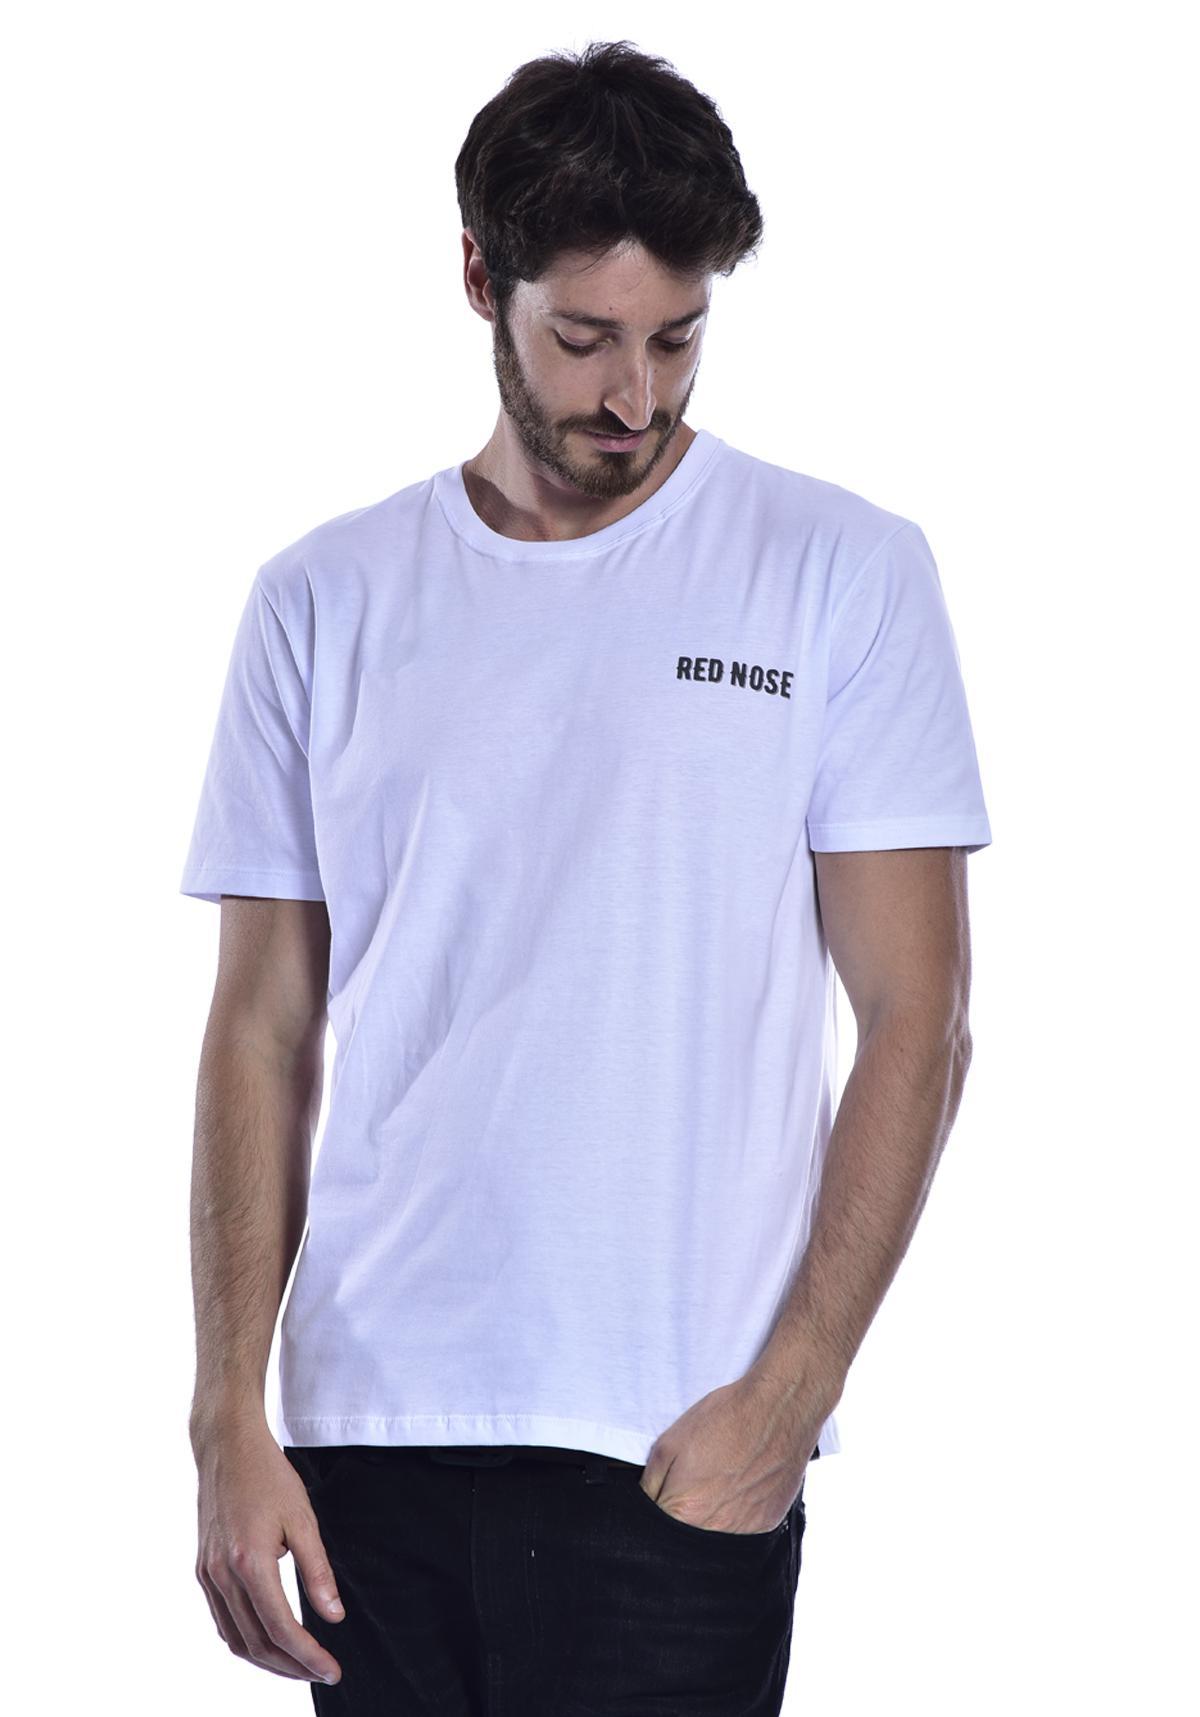 Camiseta Red Nose Caveira Surf - Branco P